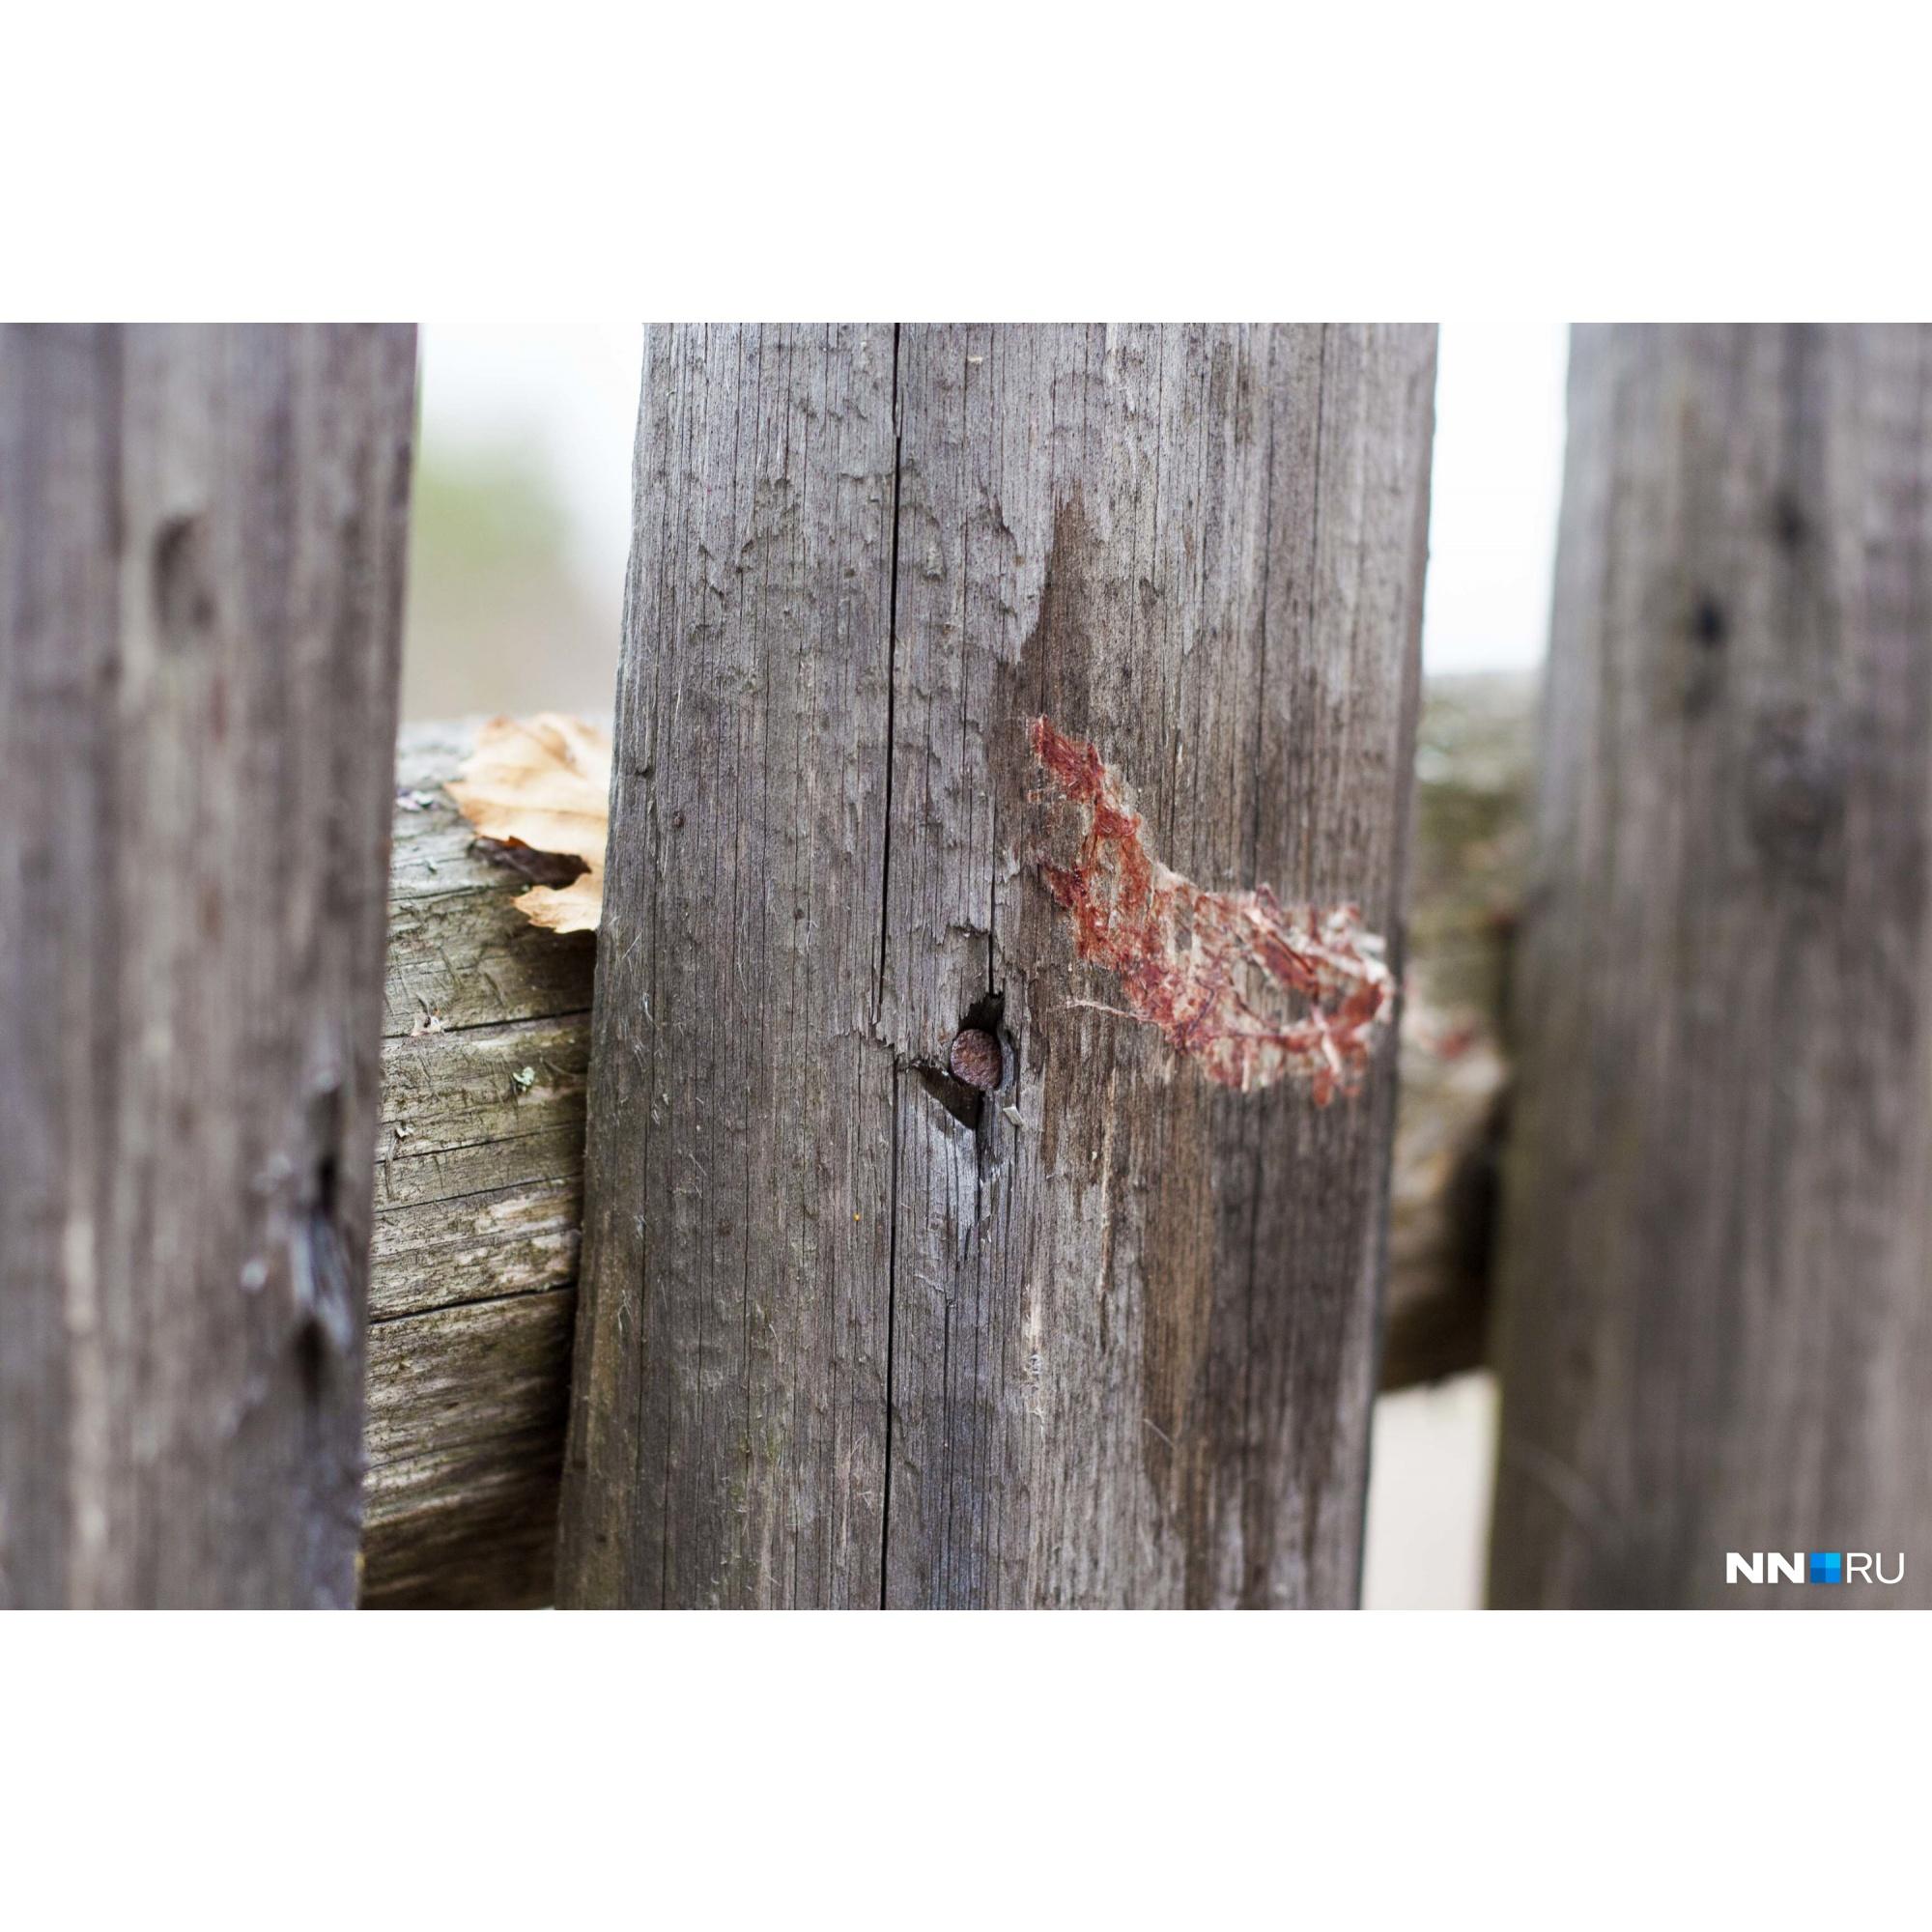 Кровь стрелка на заборе. Среди жителей ходят упорные слухи, что Даниил не кончал жизнь самоубийством, а был убит